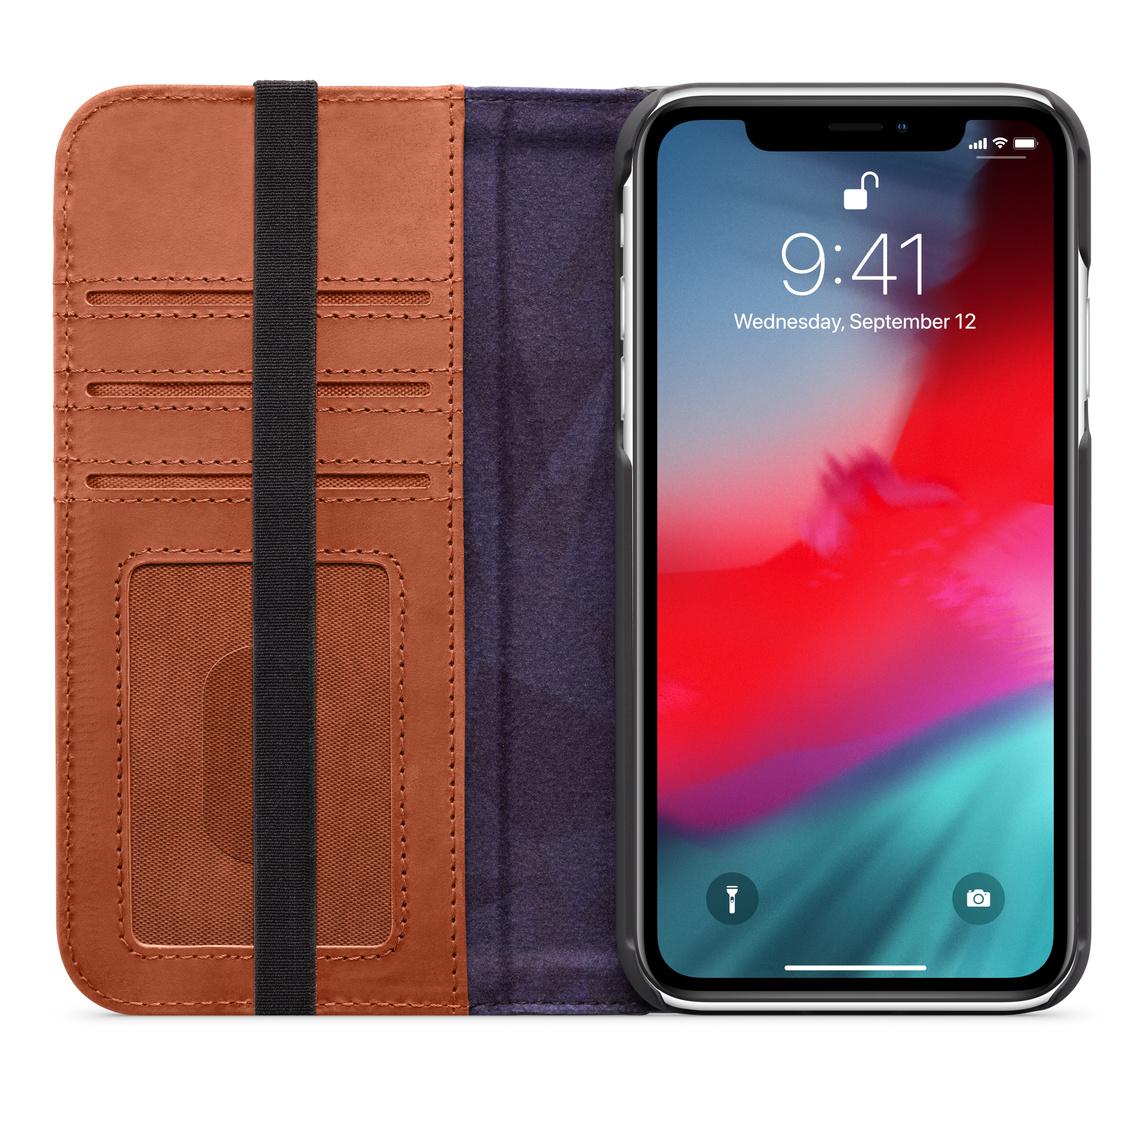 coque iphone xr apple marron